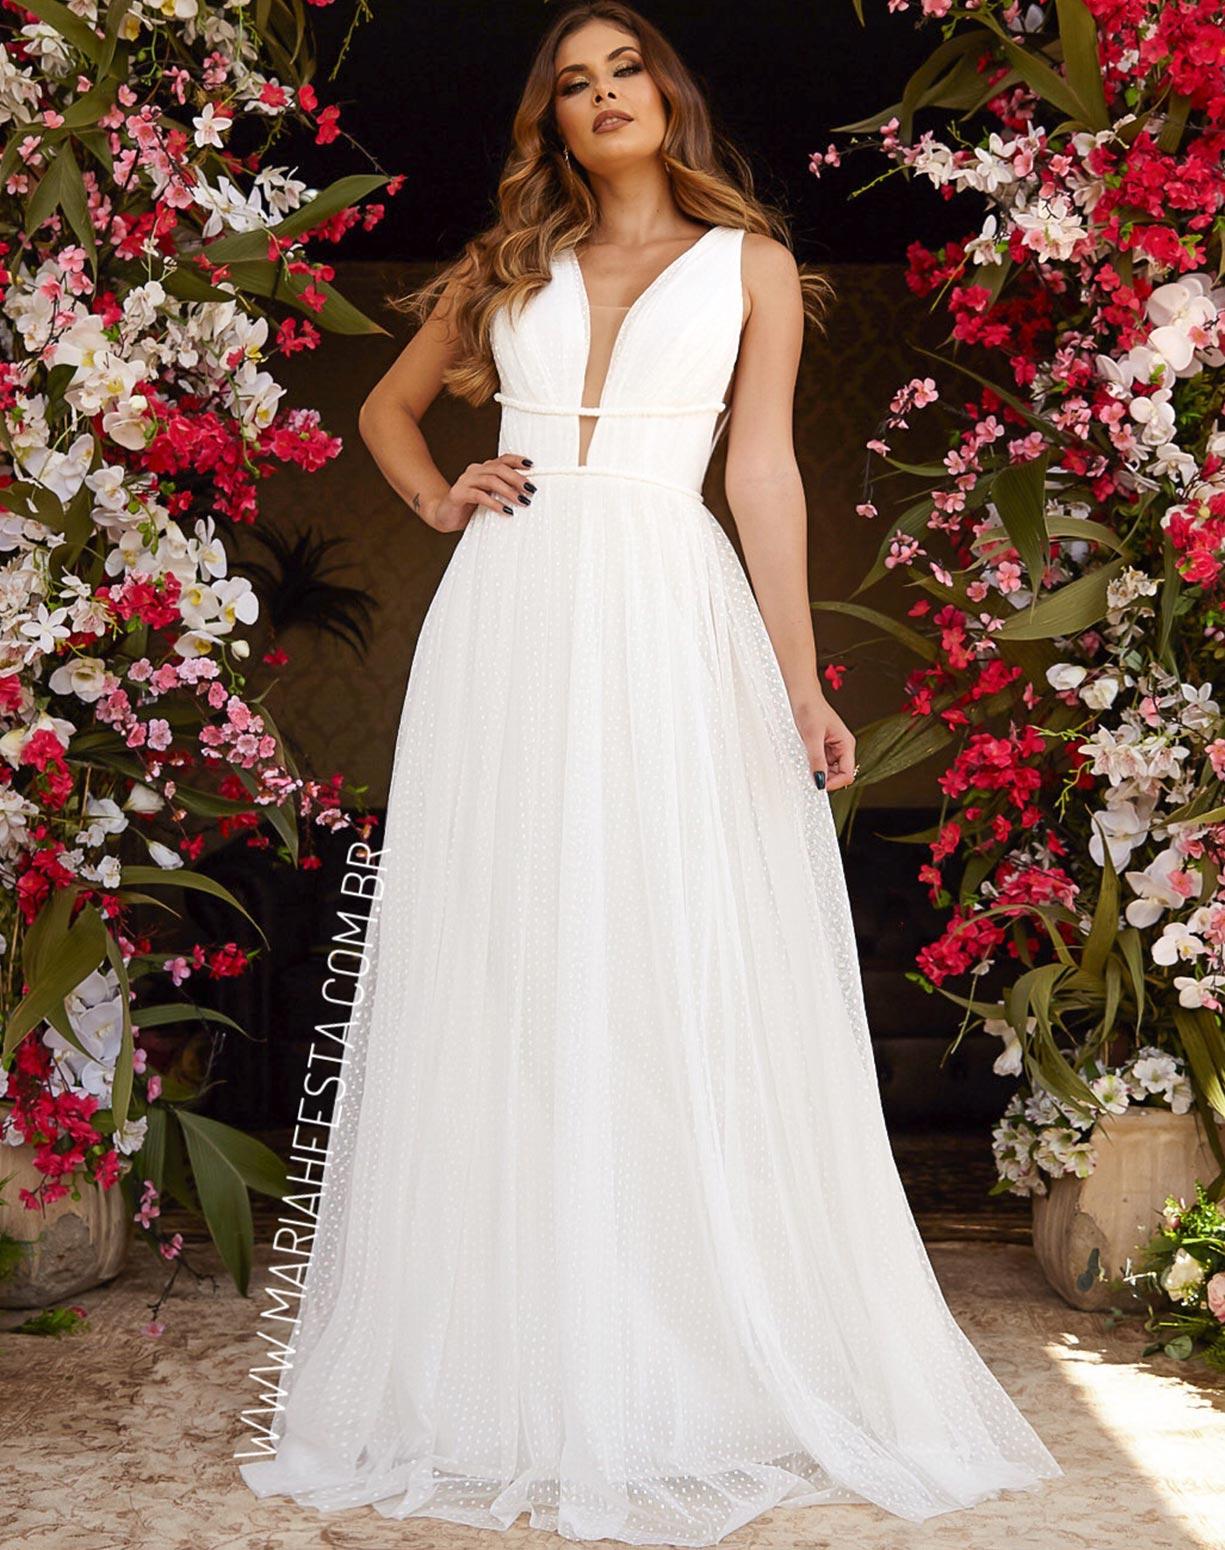 Vestido Branco em Tule Texturizado com Saia Evasê